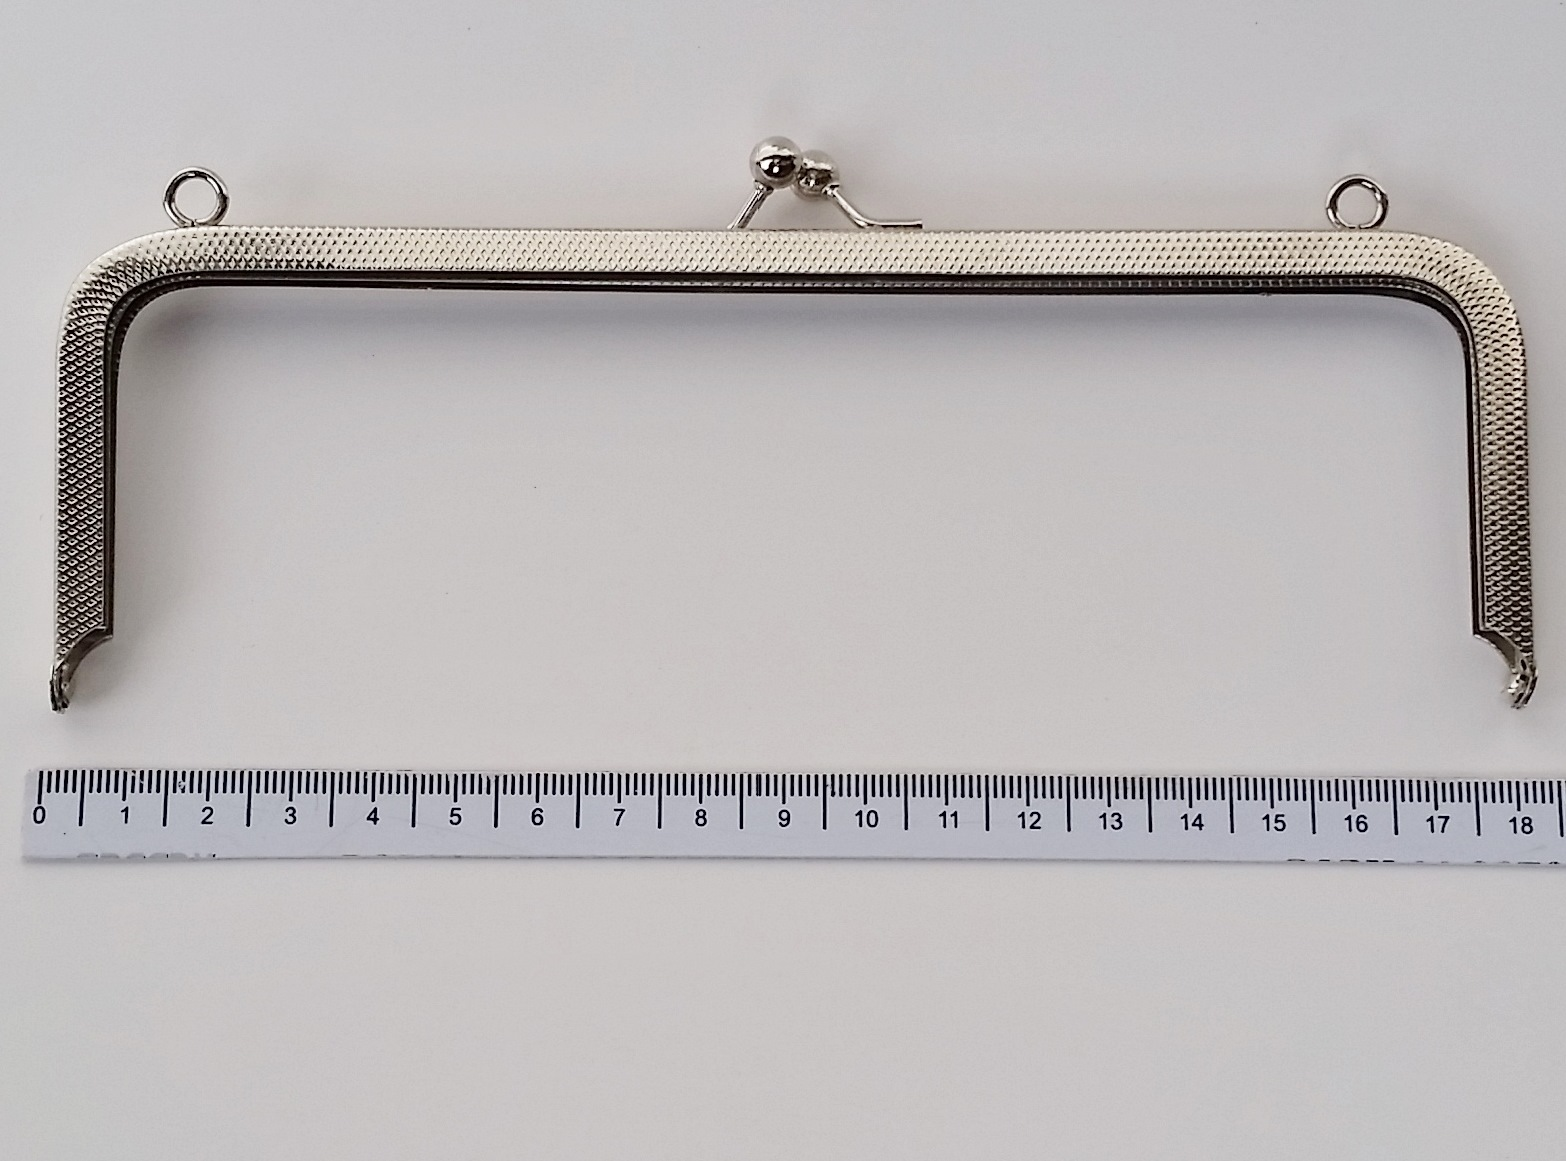 Armação 18cm x 6cm c/ argolas Niquelada